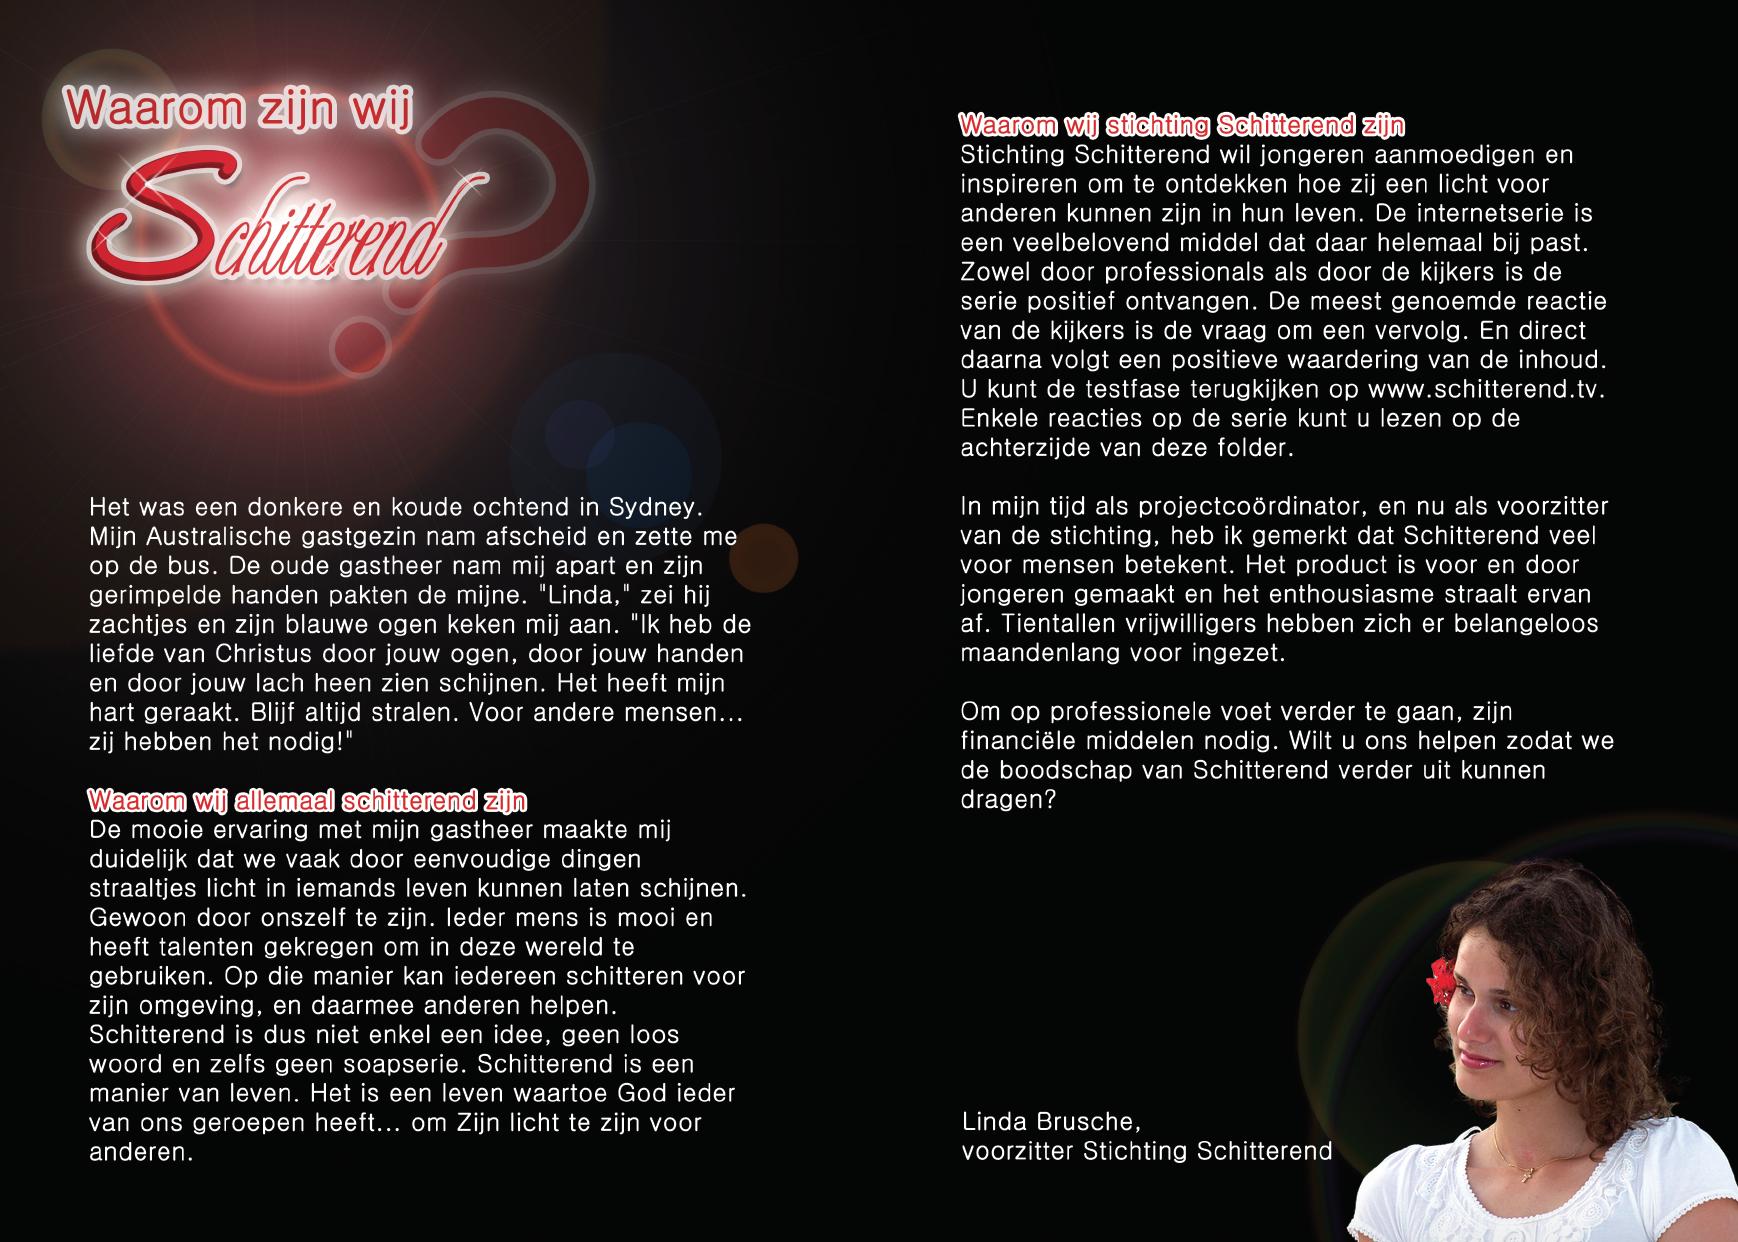 Een interview met oprichter en voormalig voorzitter van Stichting Schitterend:Lidwina (Linda) Brusche.